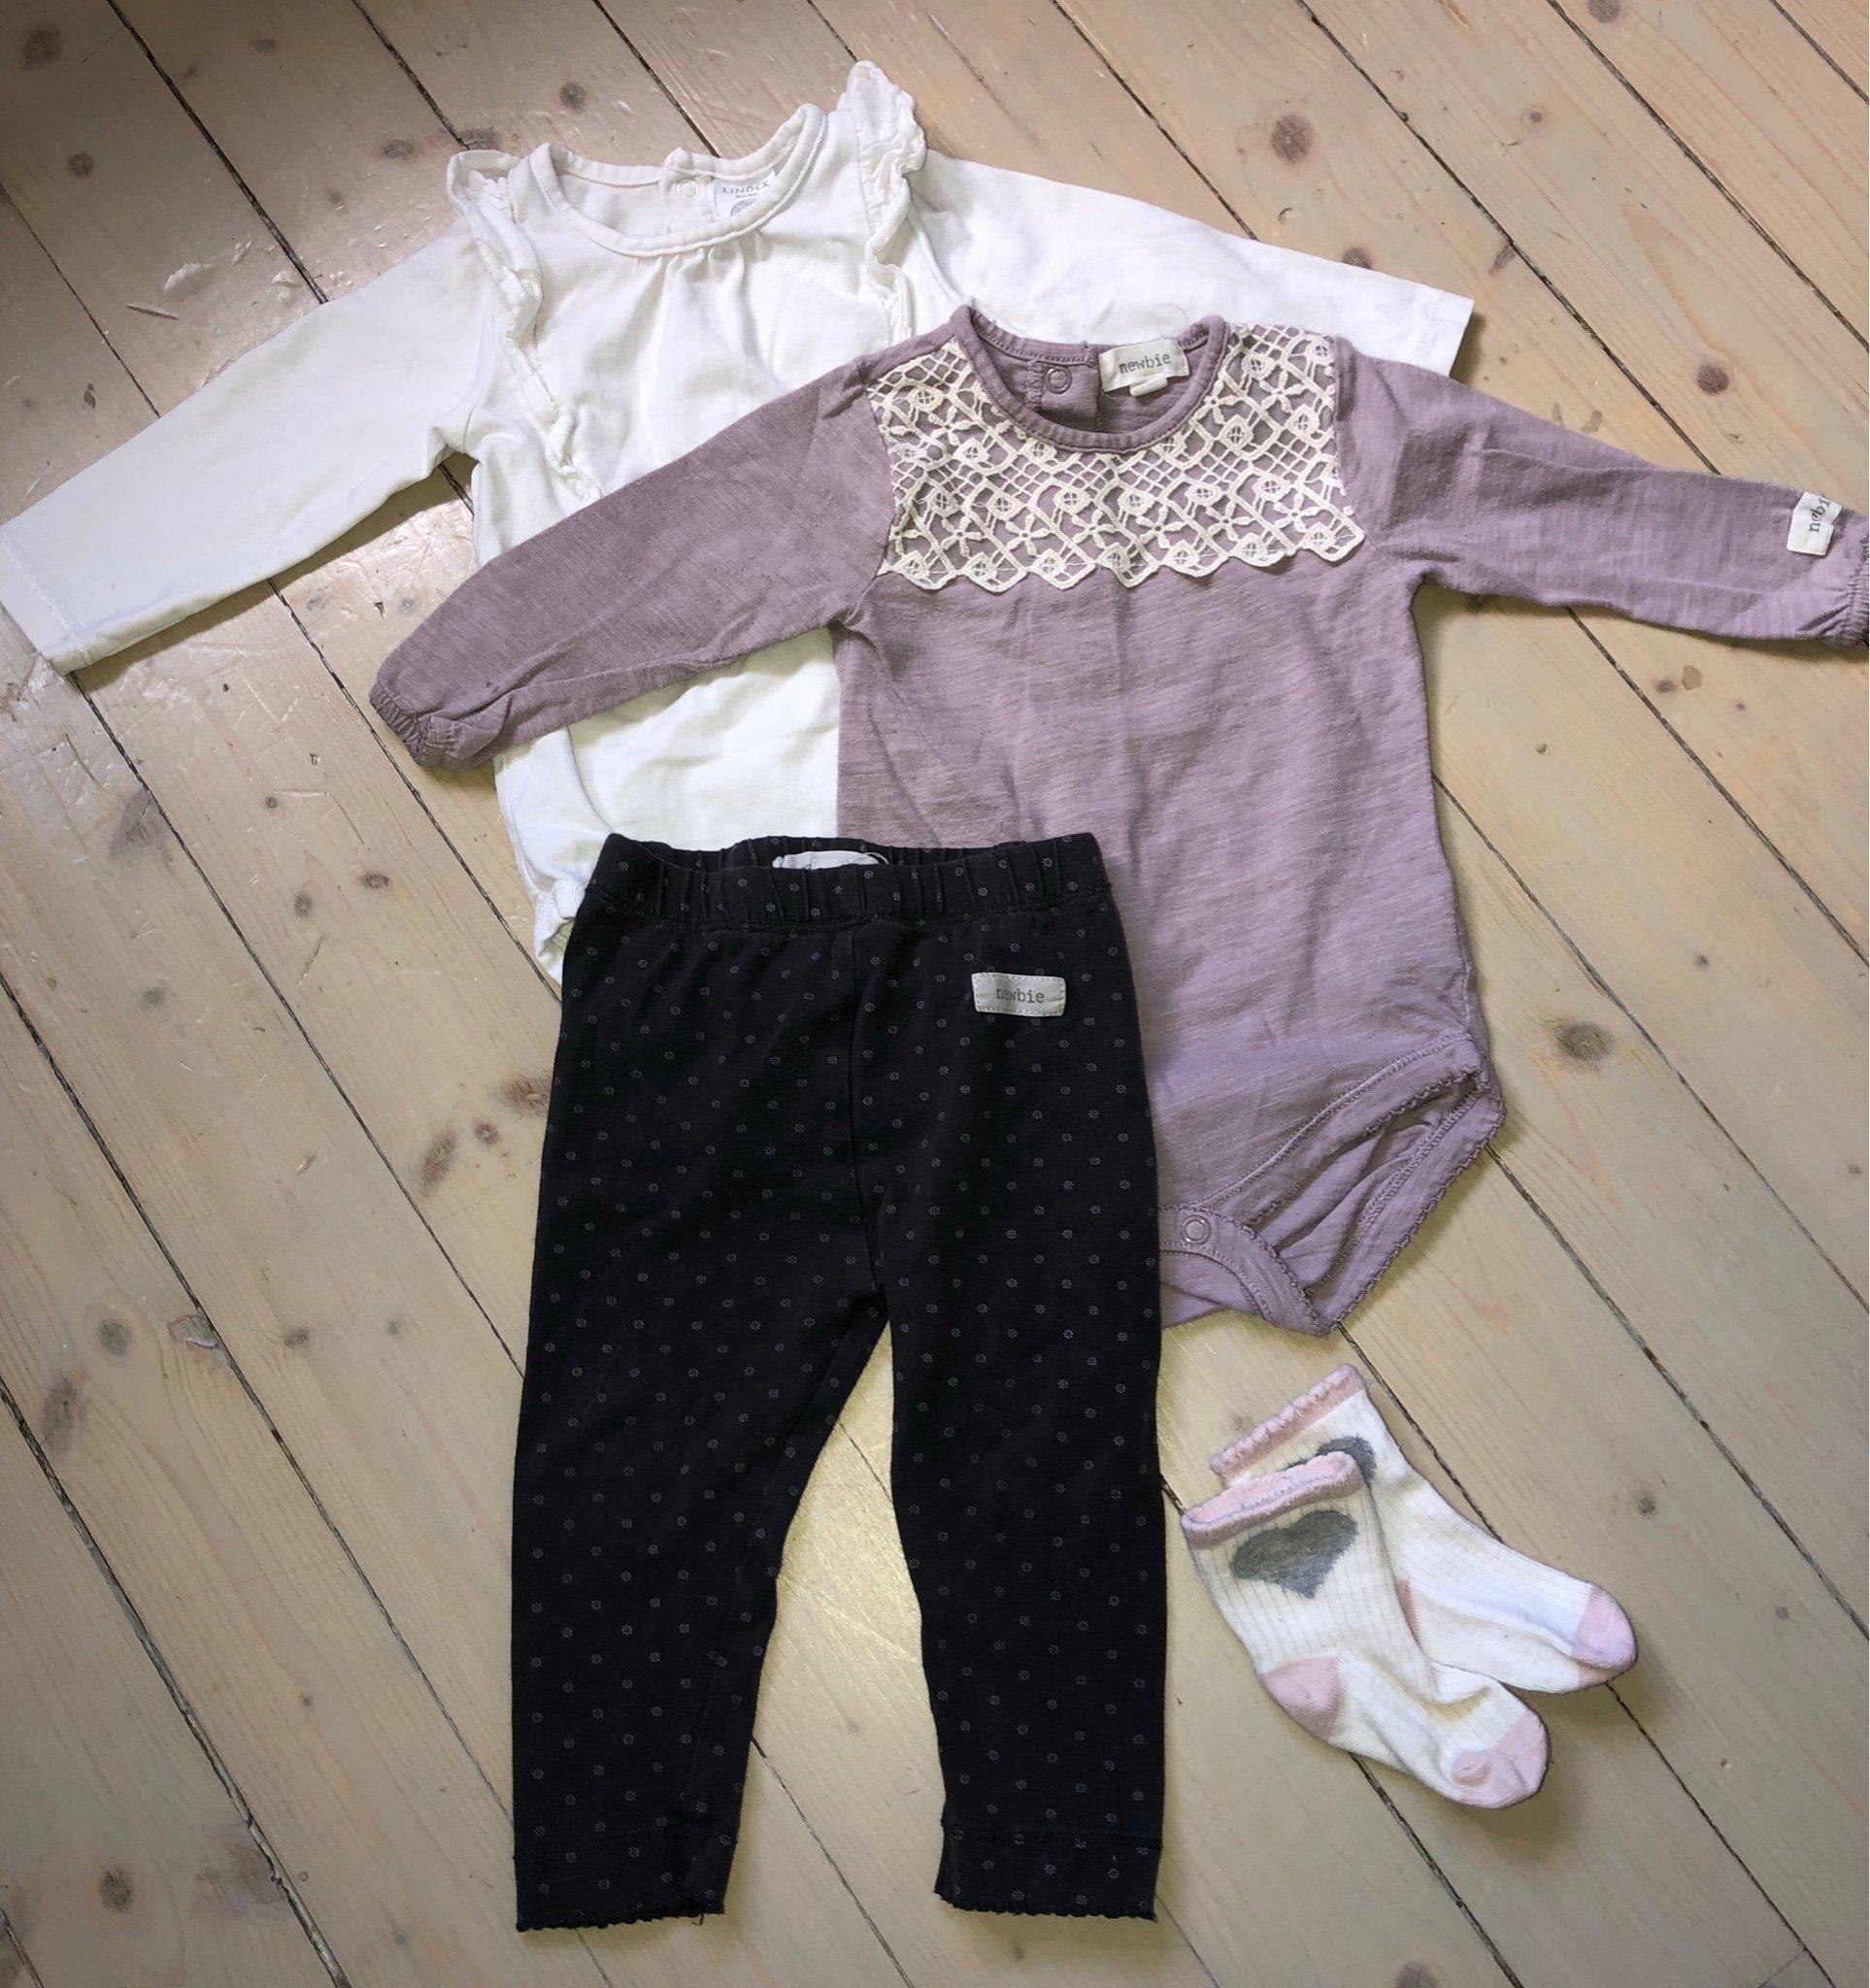 5fa242a41ed9 Klädpaket från Newbie och Lindex stl 68 (352625975) ᐈ Köp på Tradera